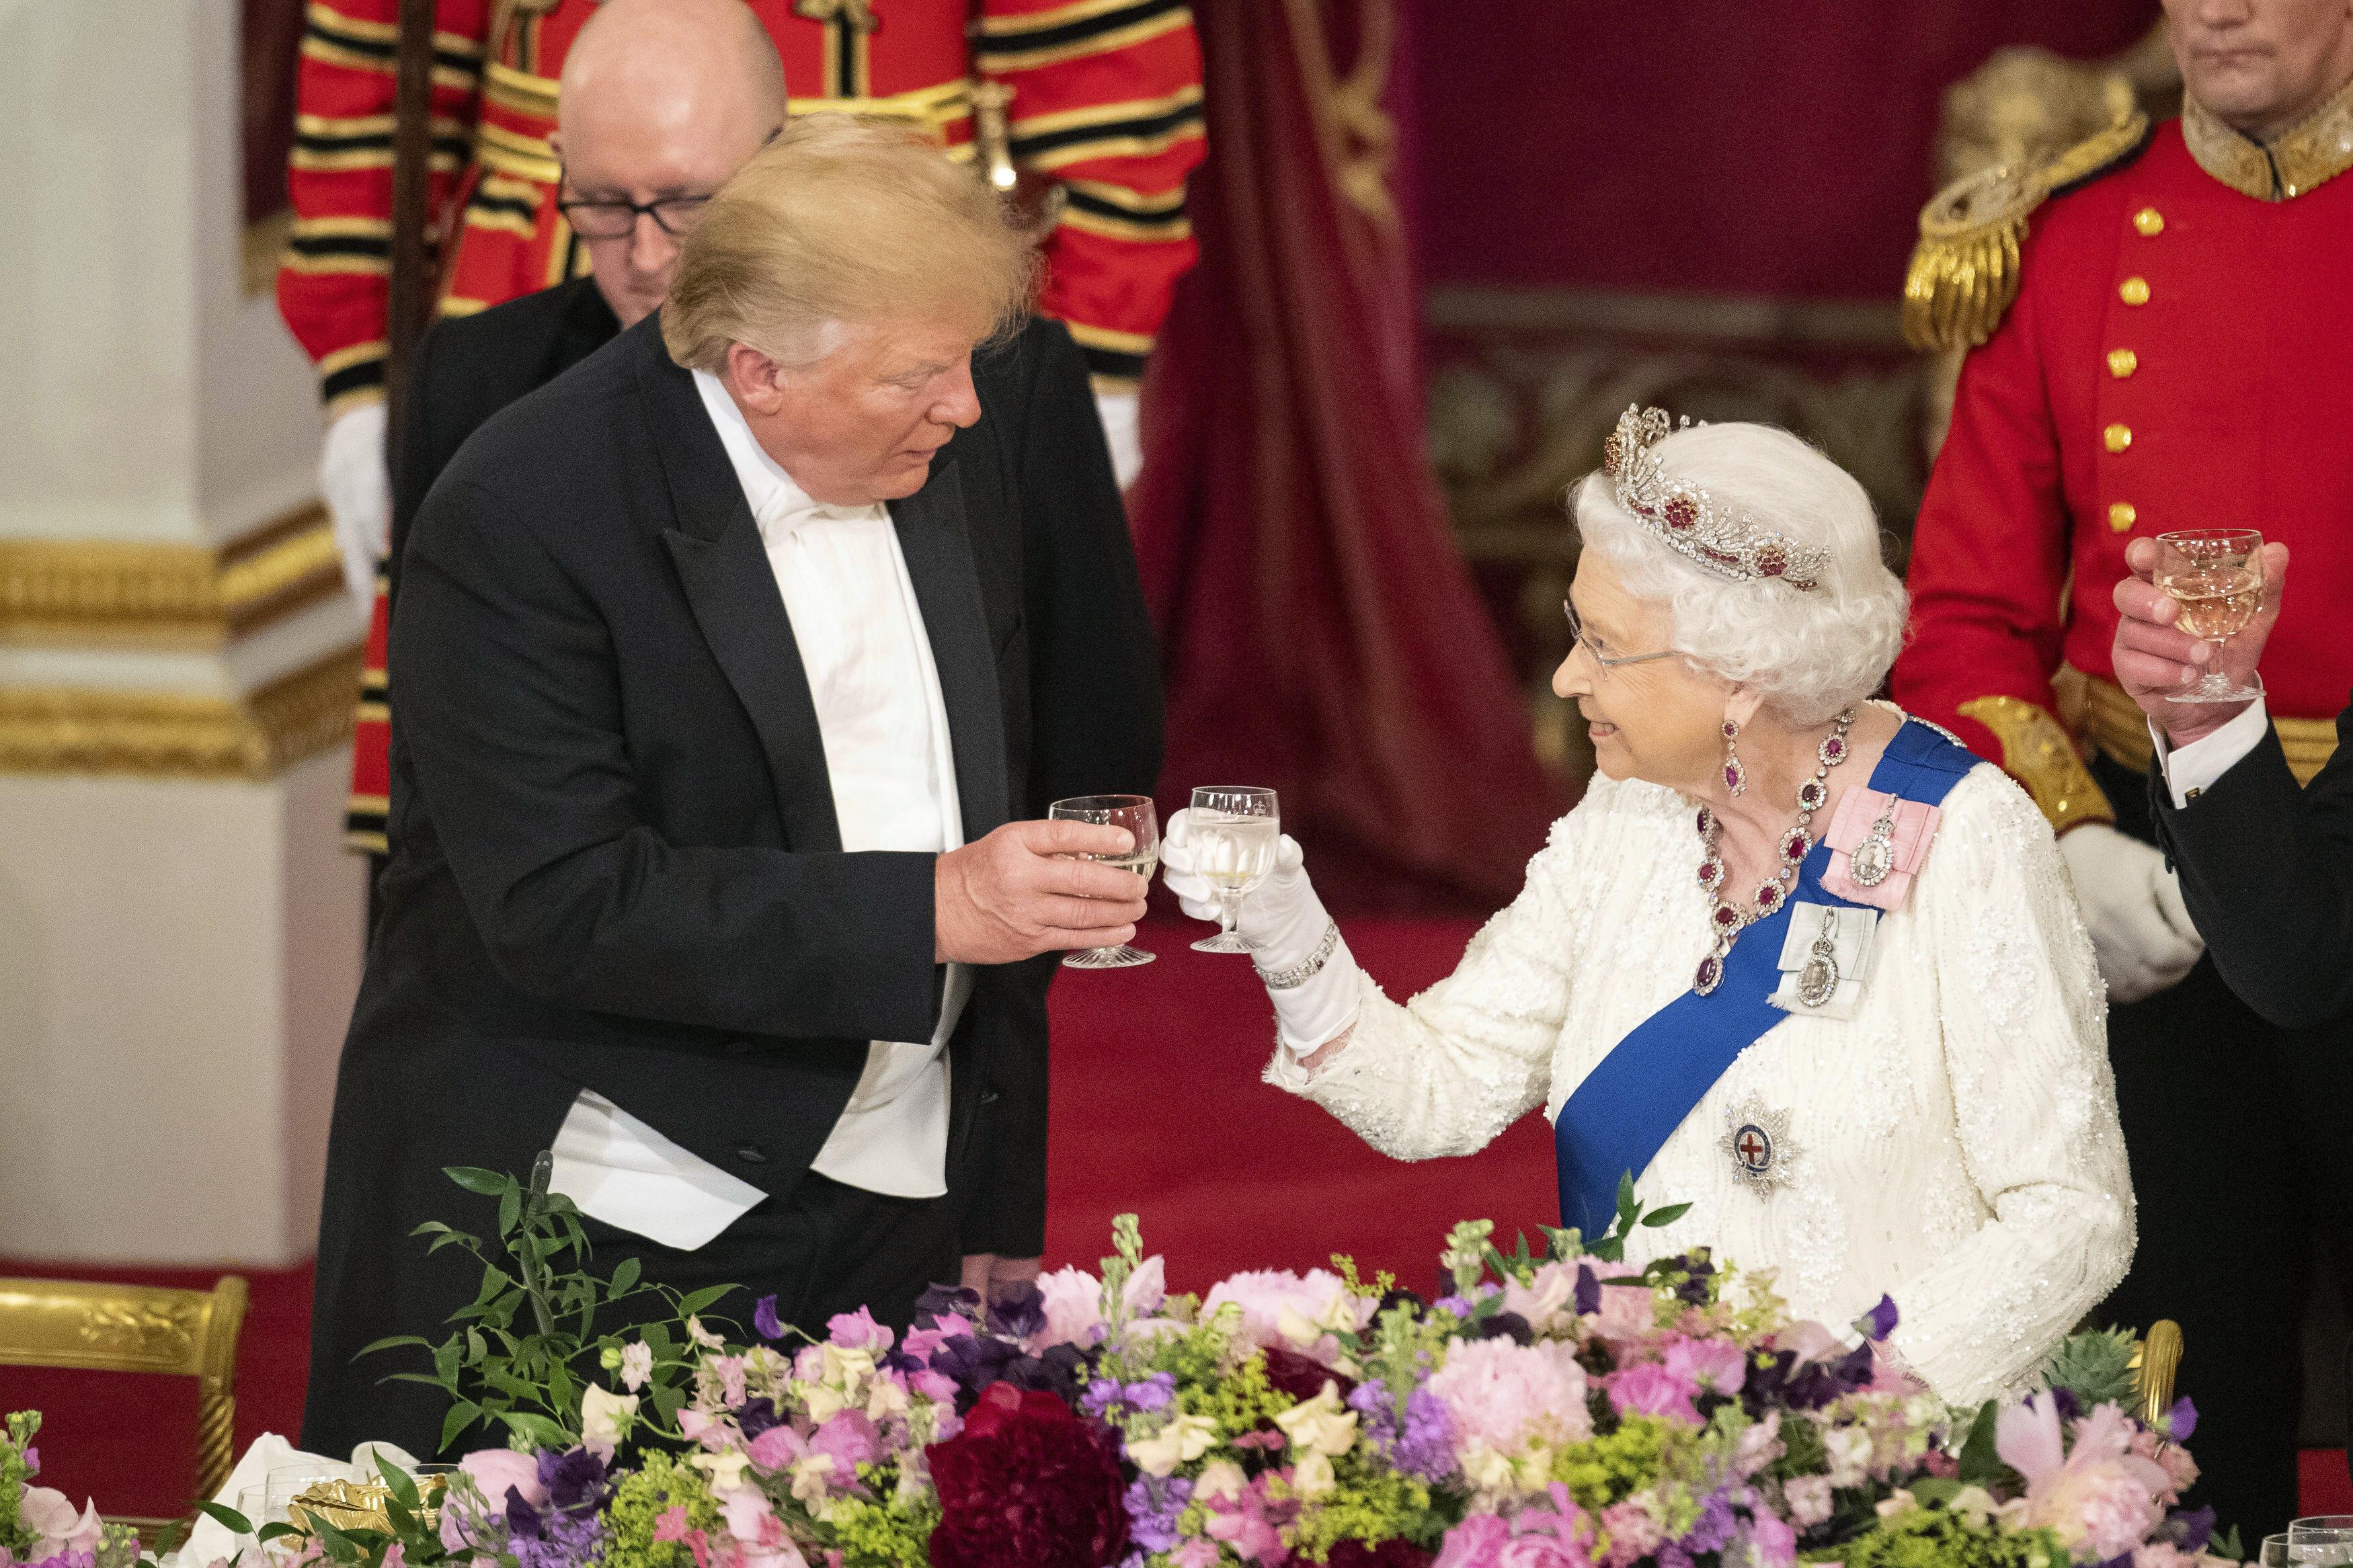 El presidente estadounidense, Donald Trump, brinda con la reina británica durante una cena de estado en el palacio de Buckingham en junio de 2019. (Archivo)